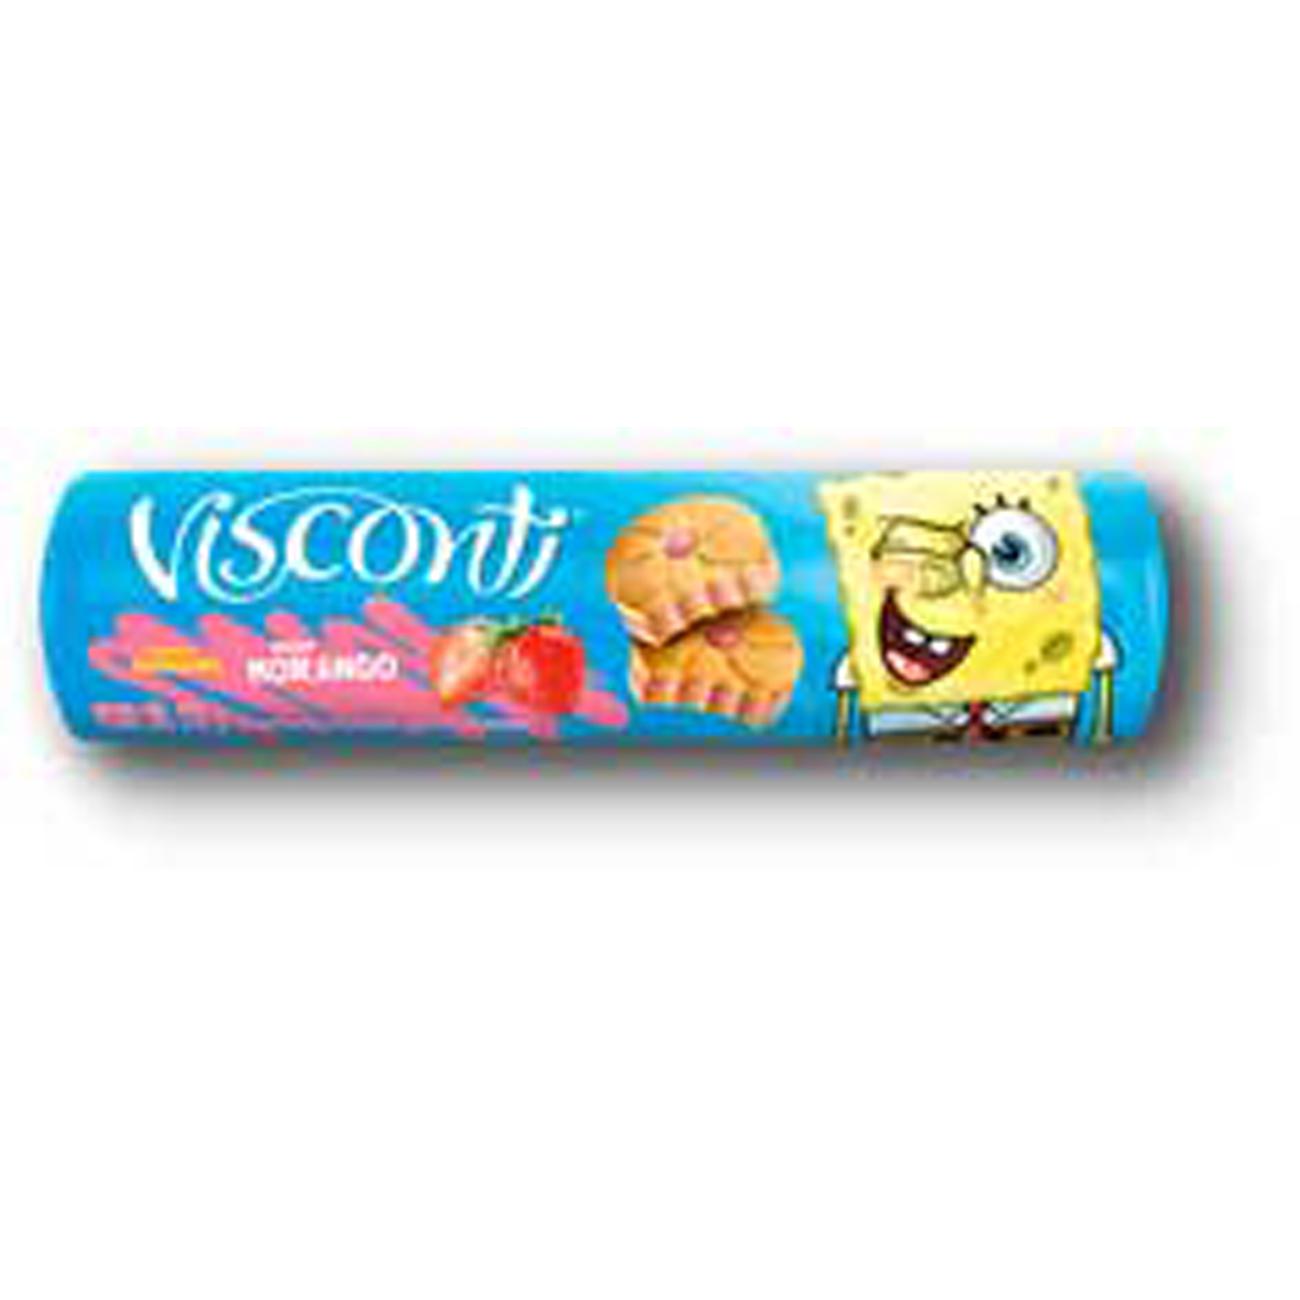 Biscoito Visconti 125G Rech Morango